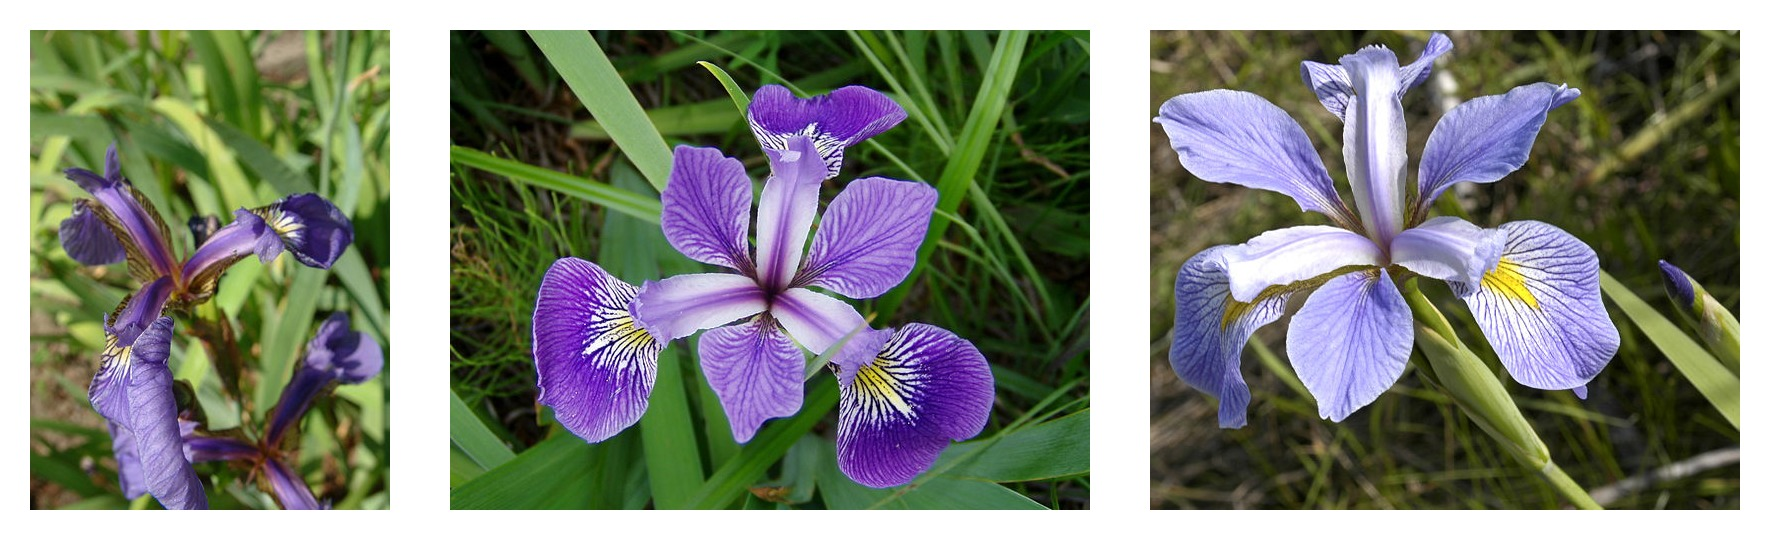 Hình dạng cánh hoa được so sánh cho ba loài iris: Iris setosa, Iris virginica và Iris versicolor